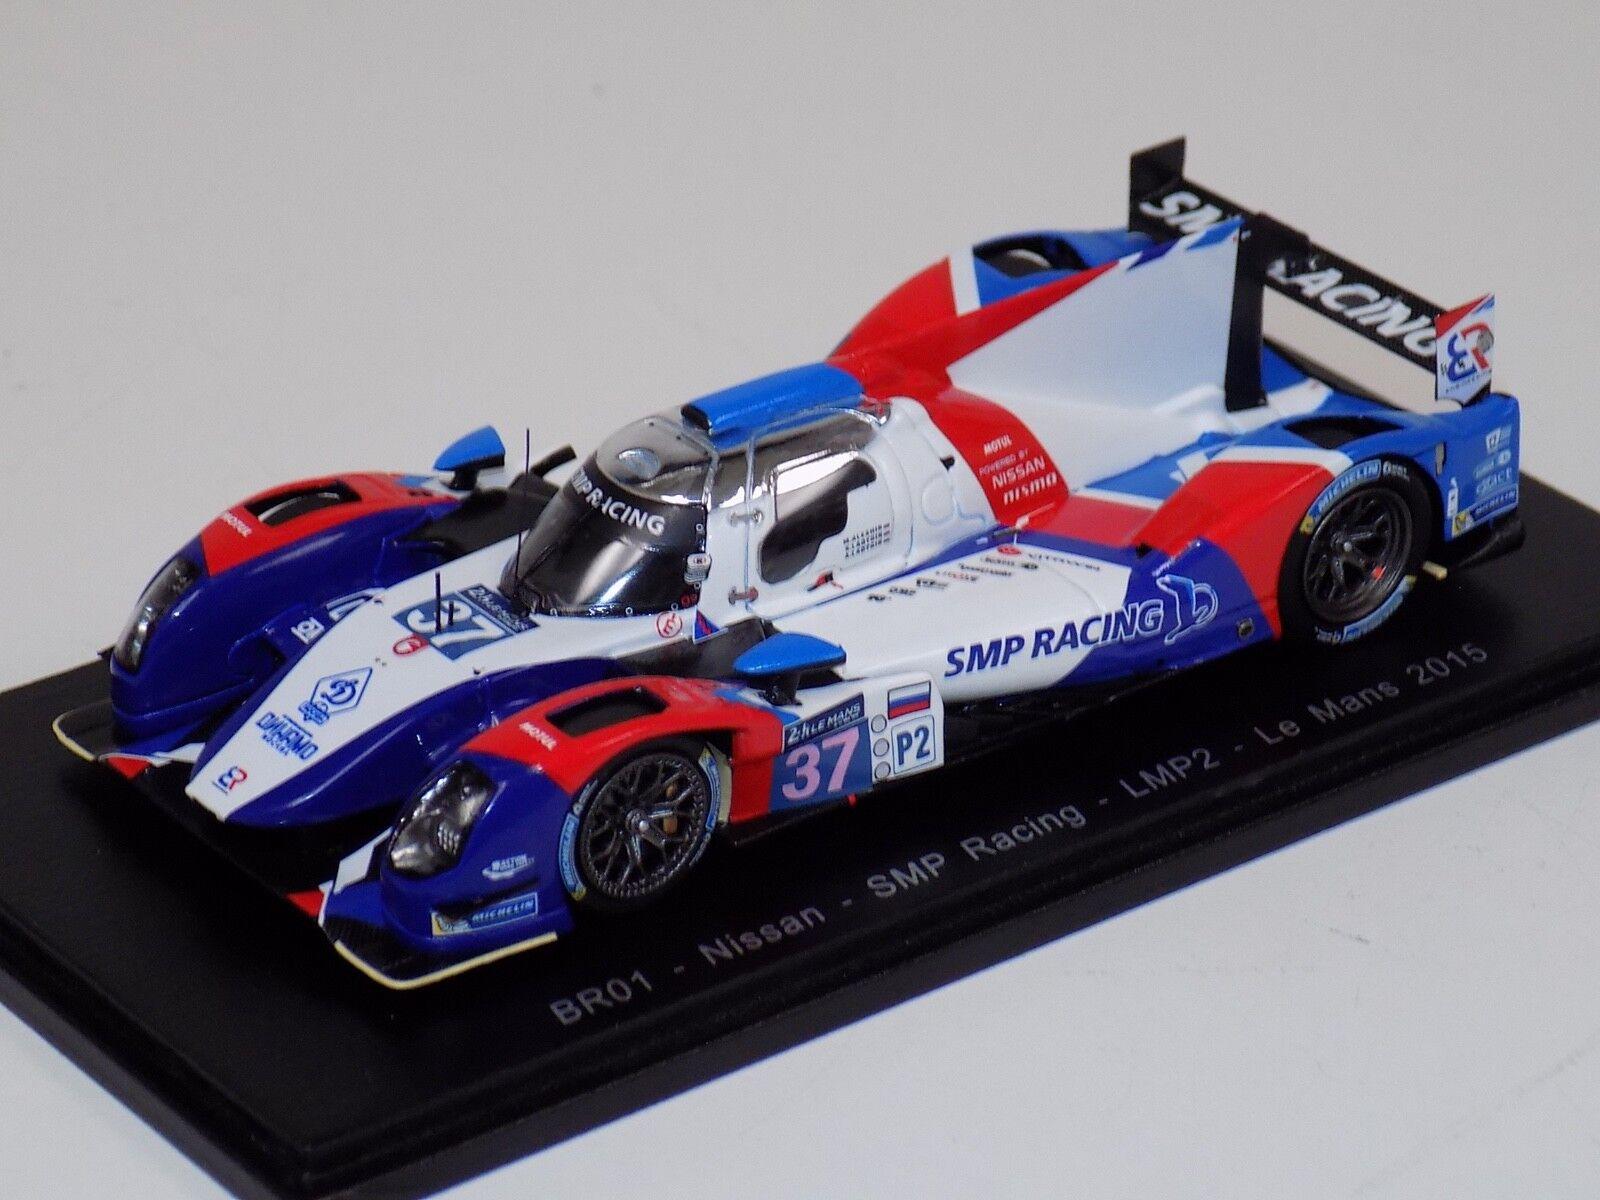 1 43 Spark BR01 Nissan SMP Racing Voiture LMP2  37 de 2015 24 H LeMans S4652